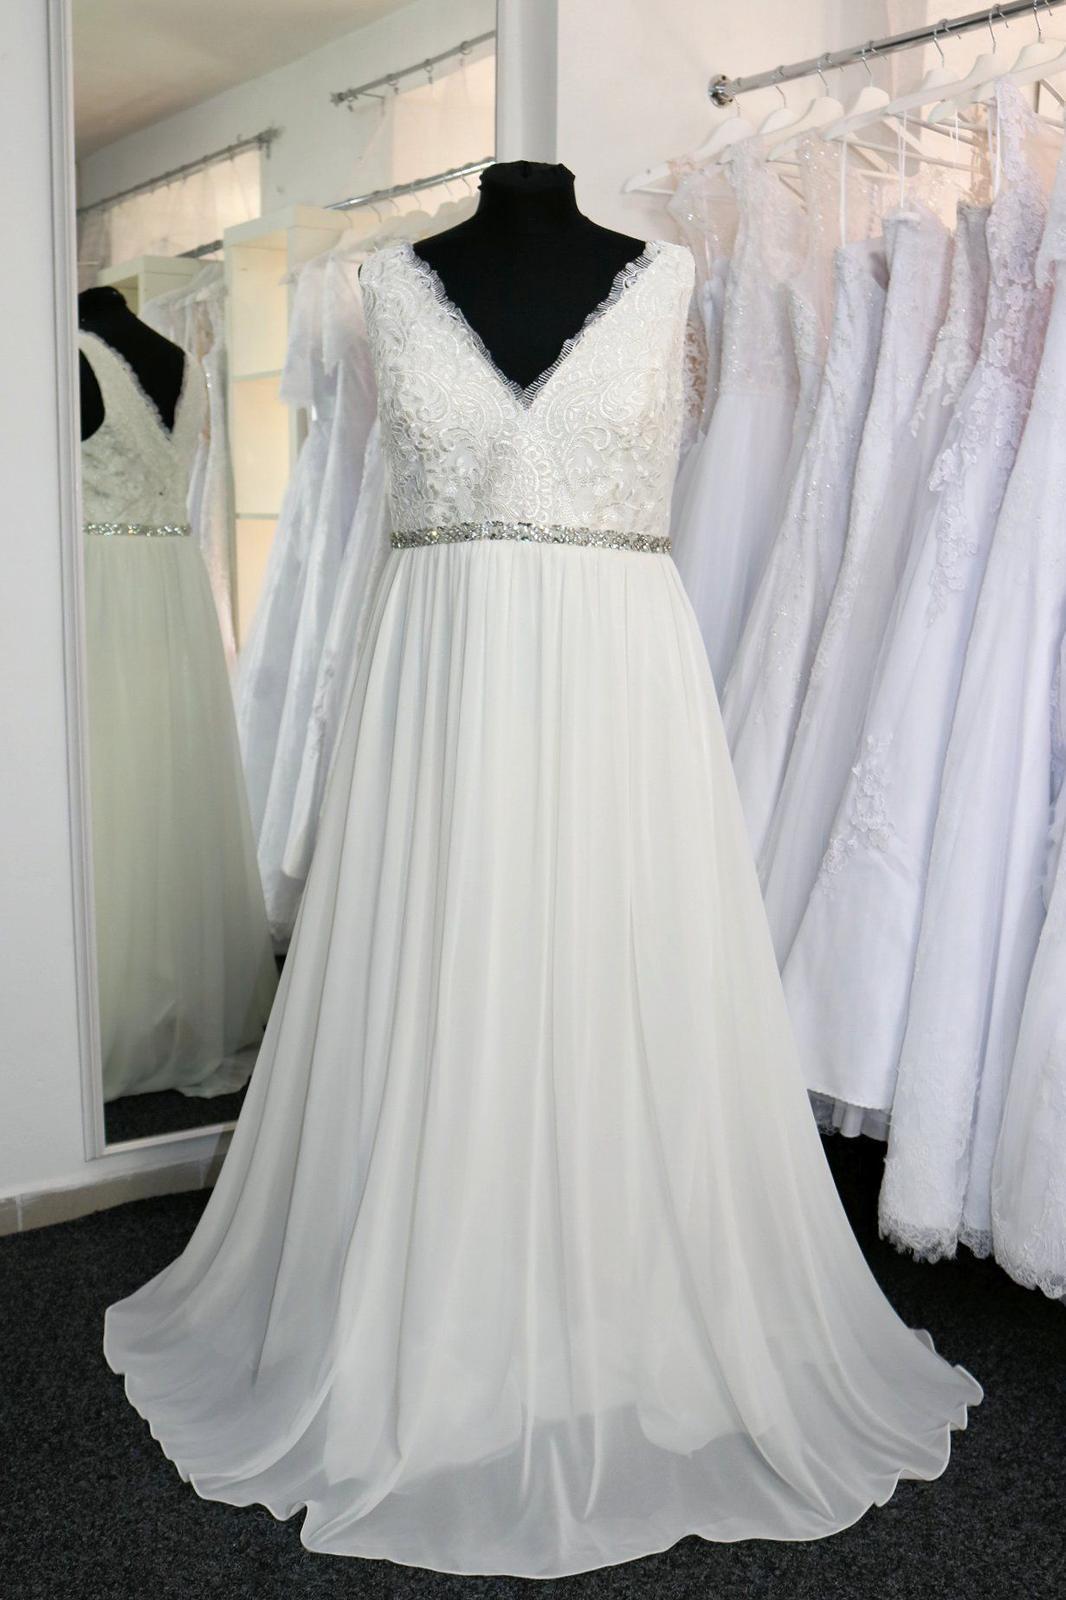 Nové svatební šaty boho vel. 48 - Obrázek č. 1